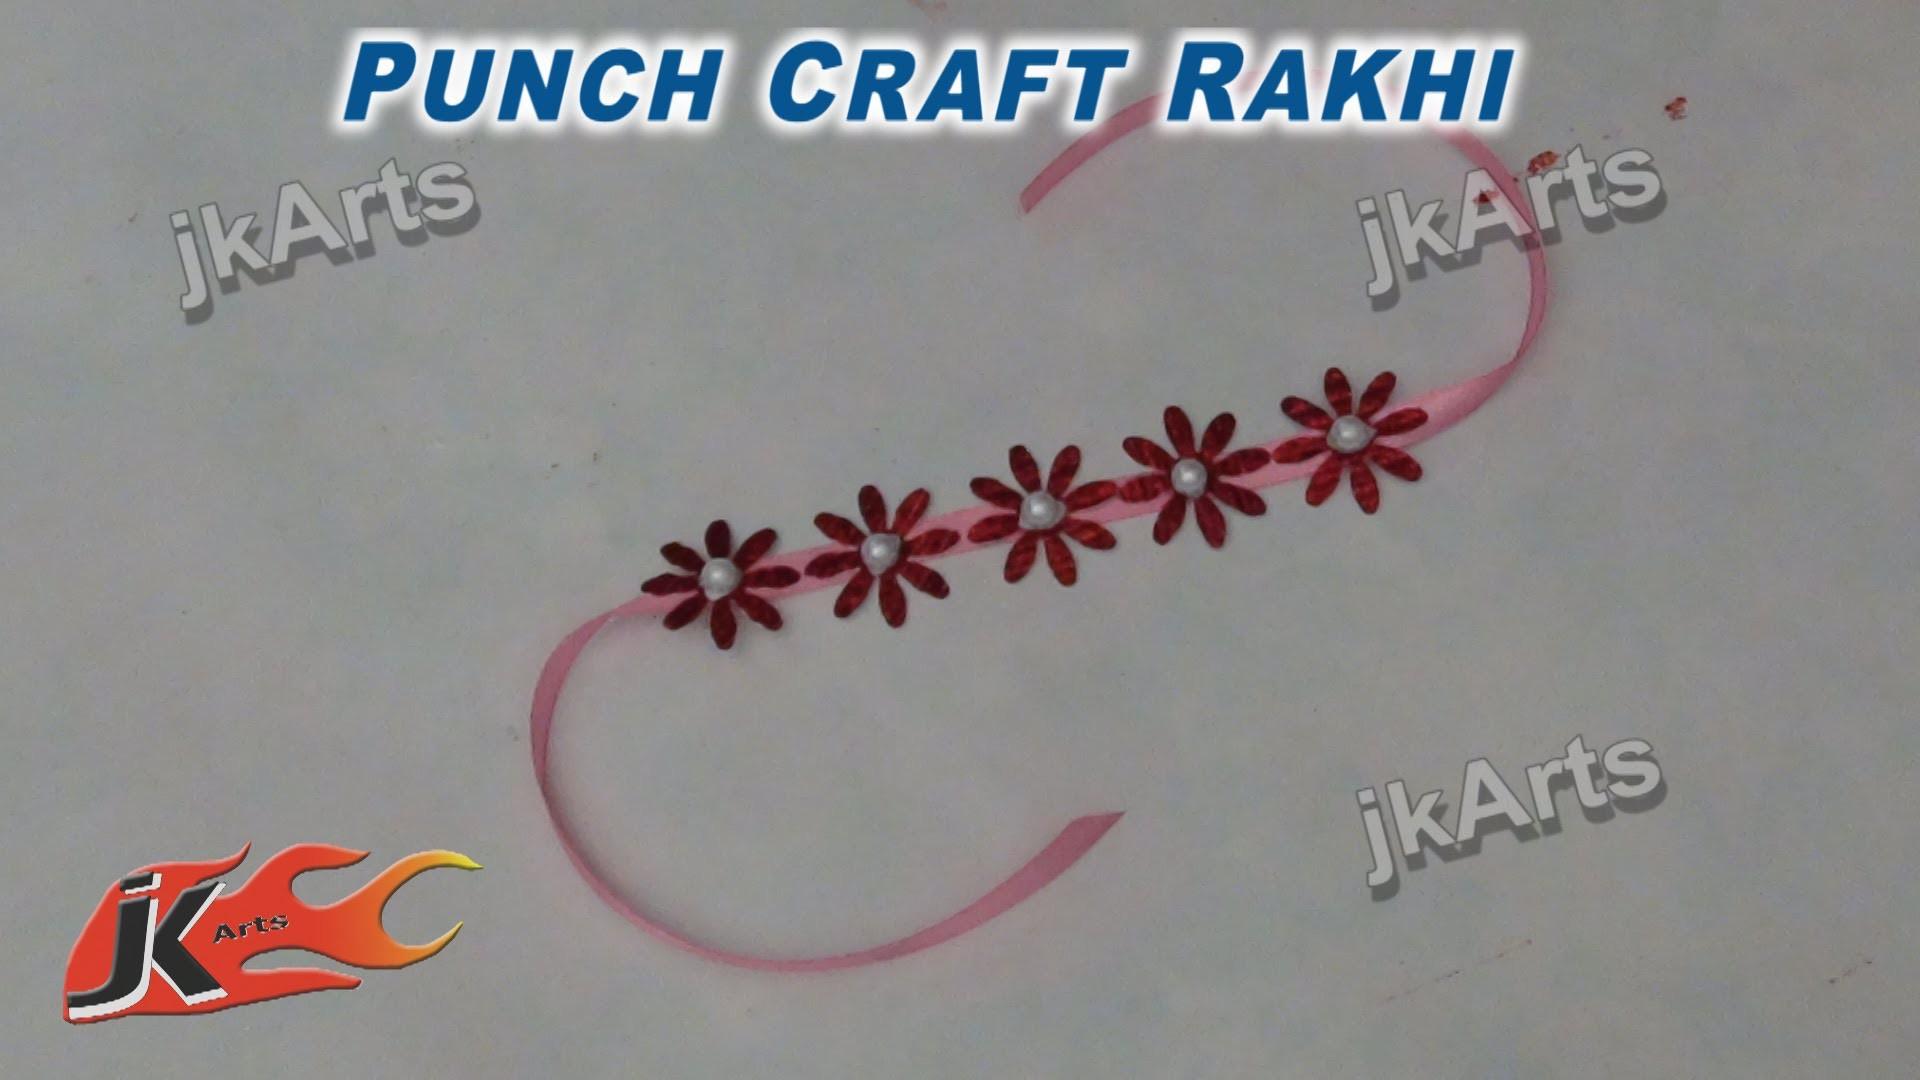 Diy Punch Craft Rakhi Making For Raksha Bandhan Jk Arts 286